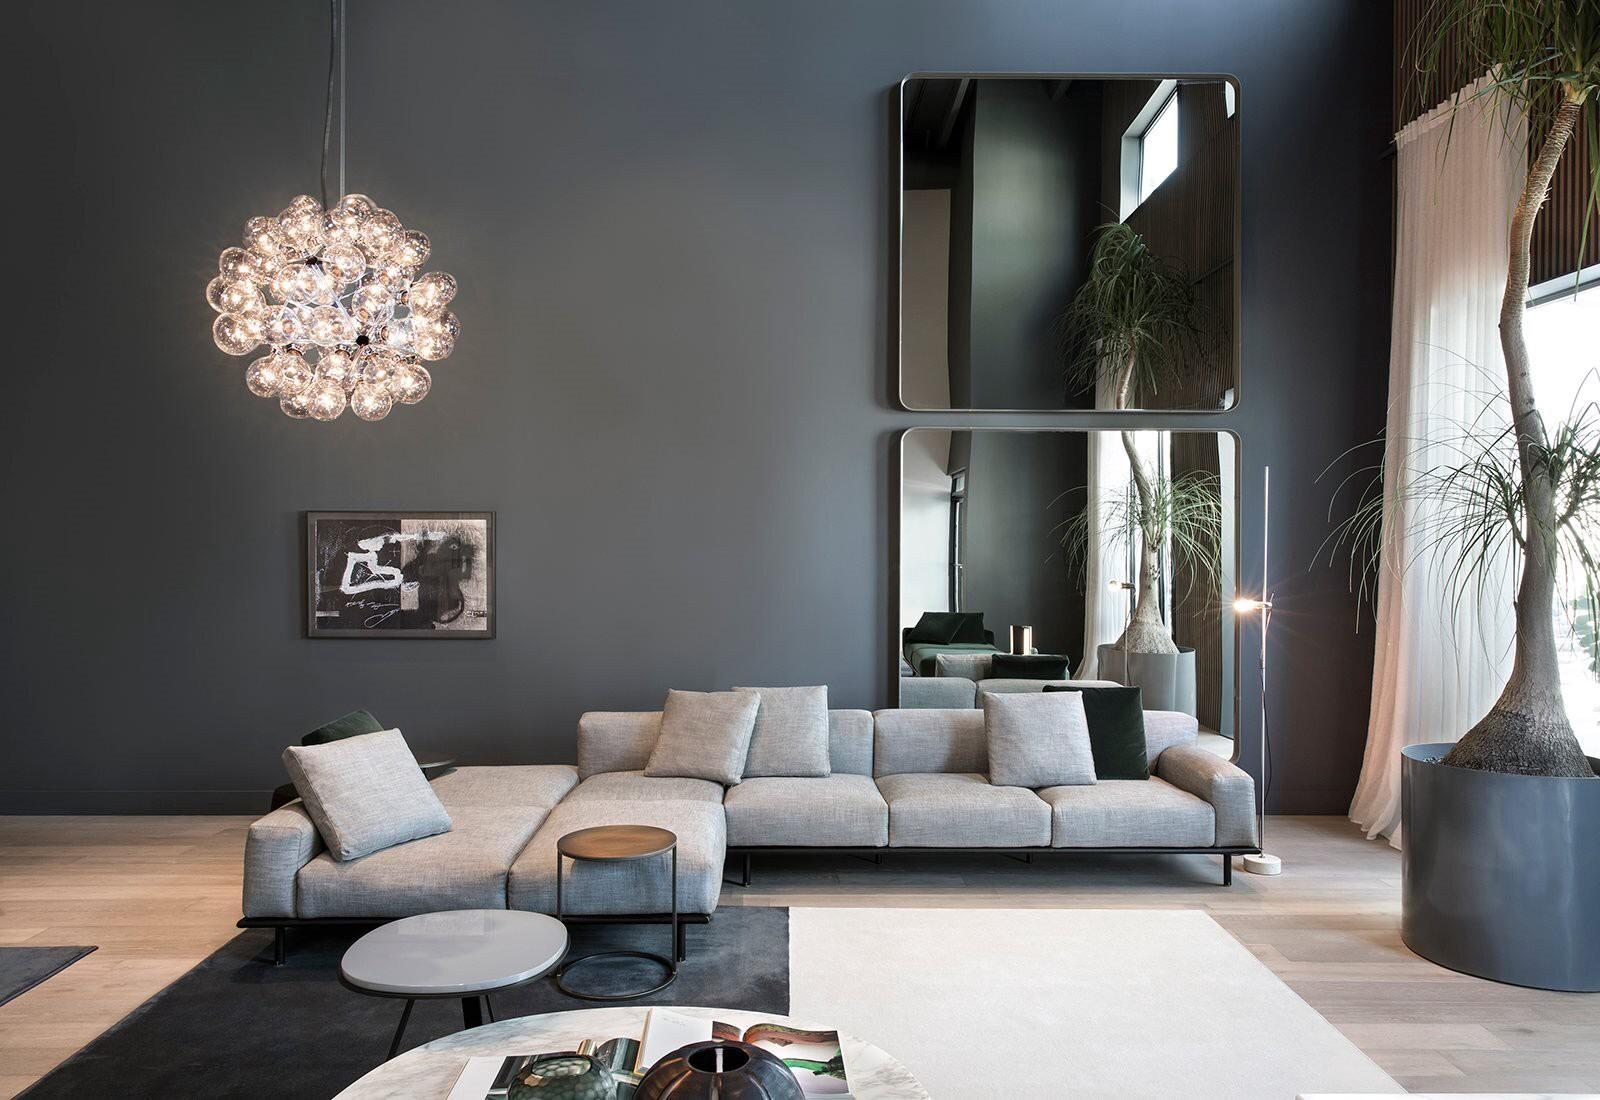 Contemporary Interior Design for Living Room Decoration 20